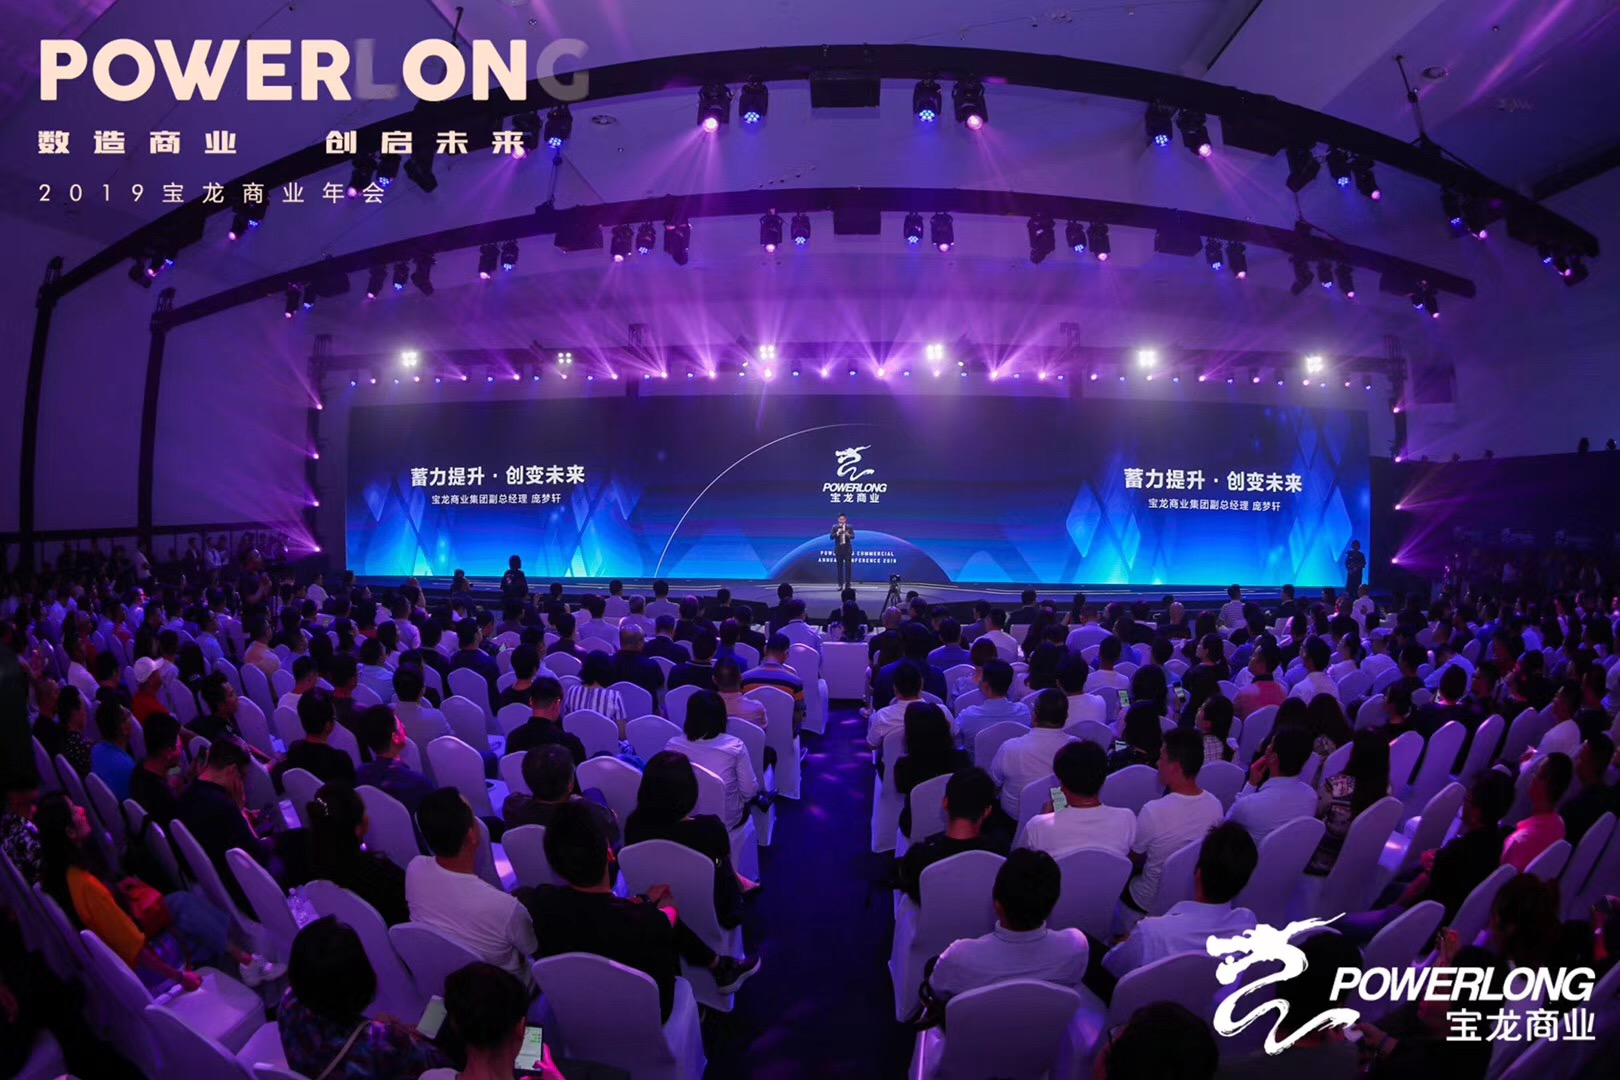 宝龙商业集团#2019 POWER ON数造商业创启未来#商业年会